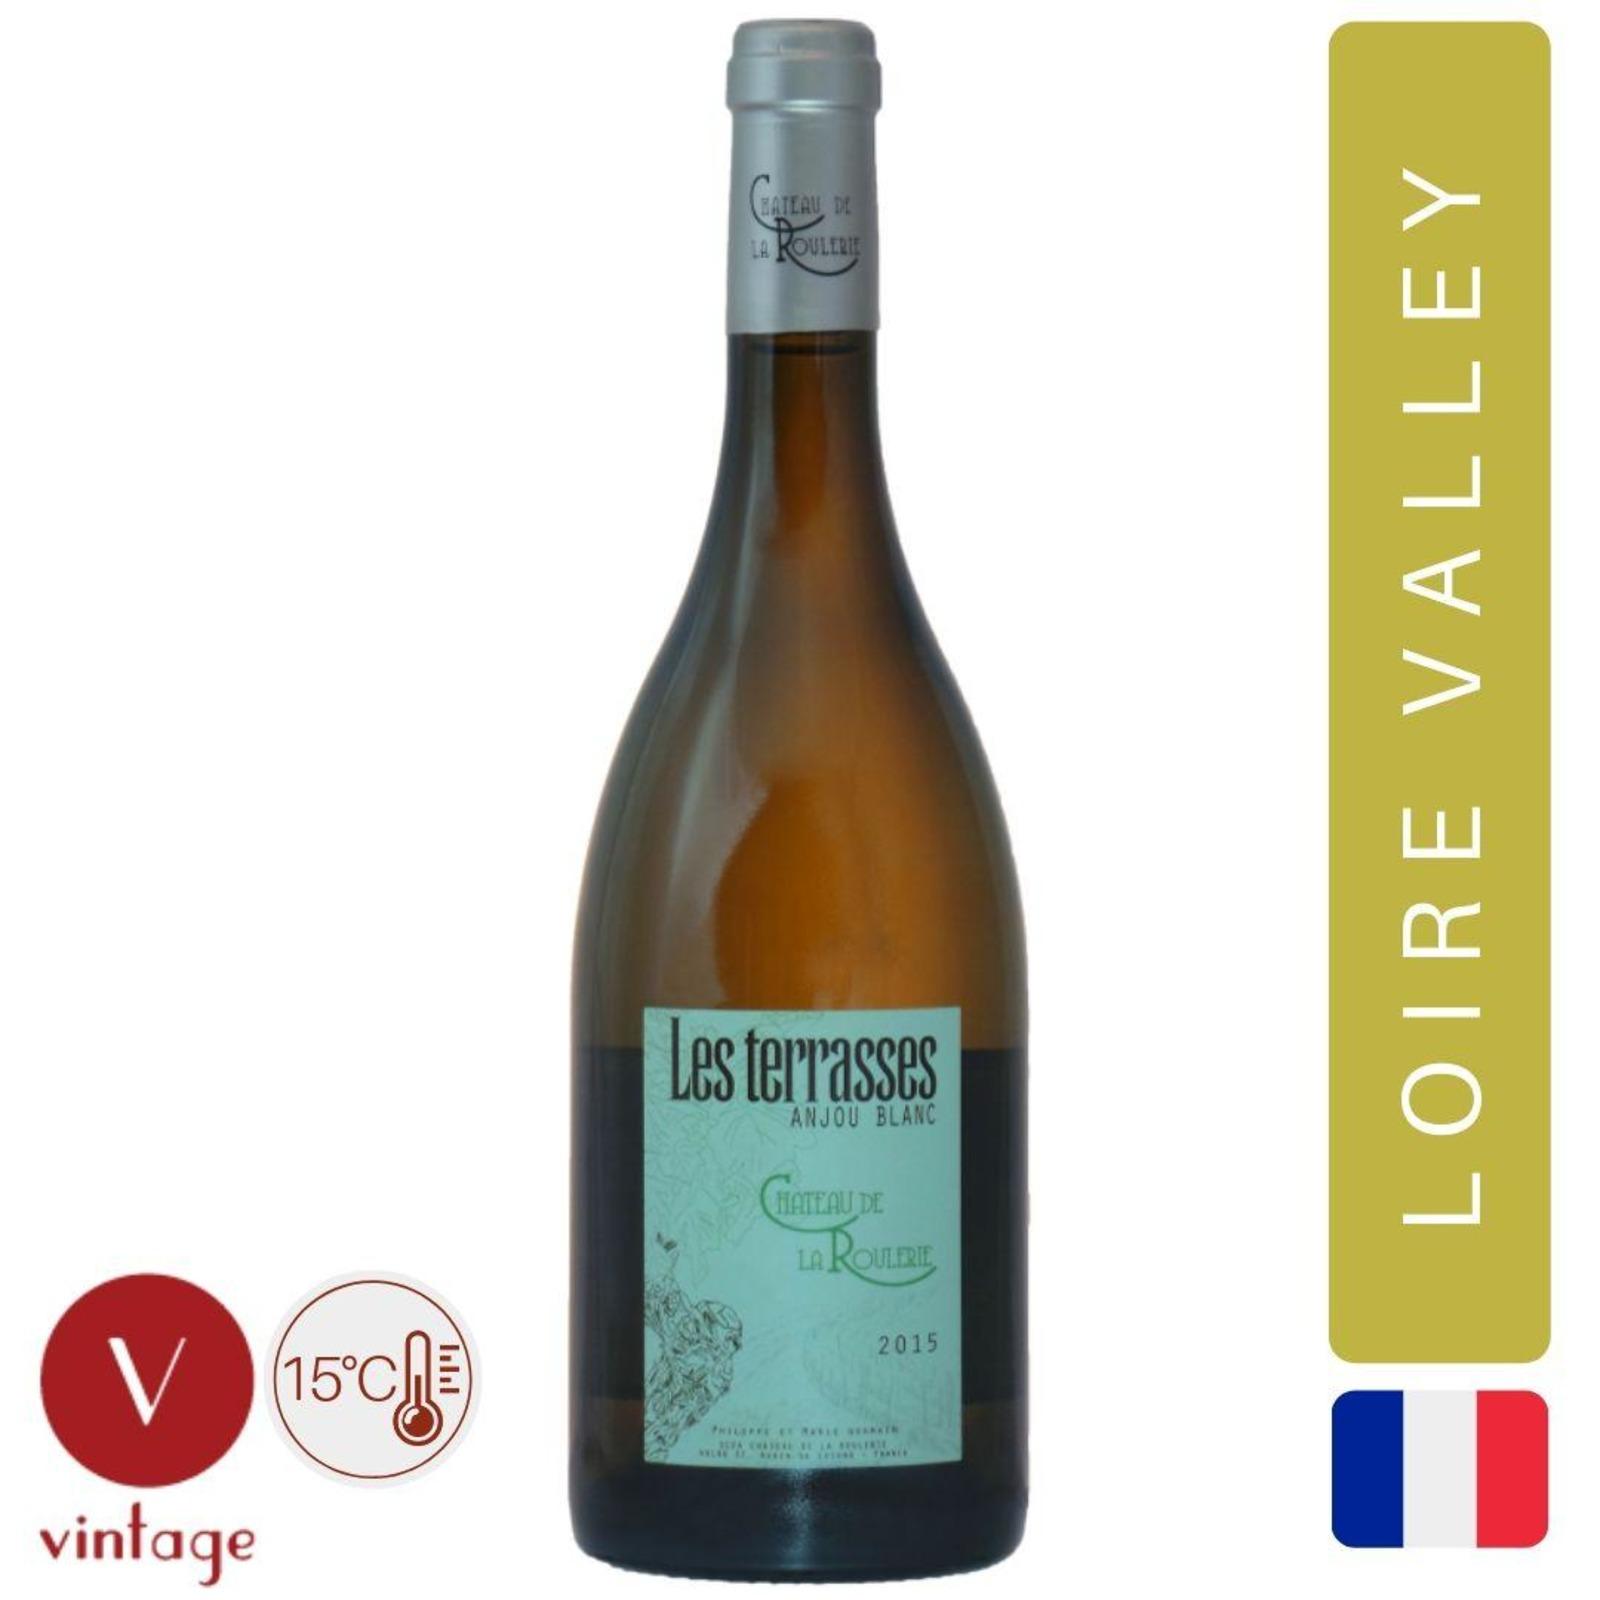 Chateau de la Roulerie - Les Terrasses - Anjou White Wine